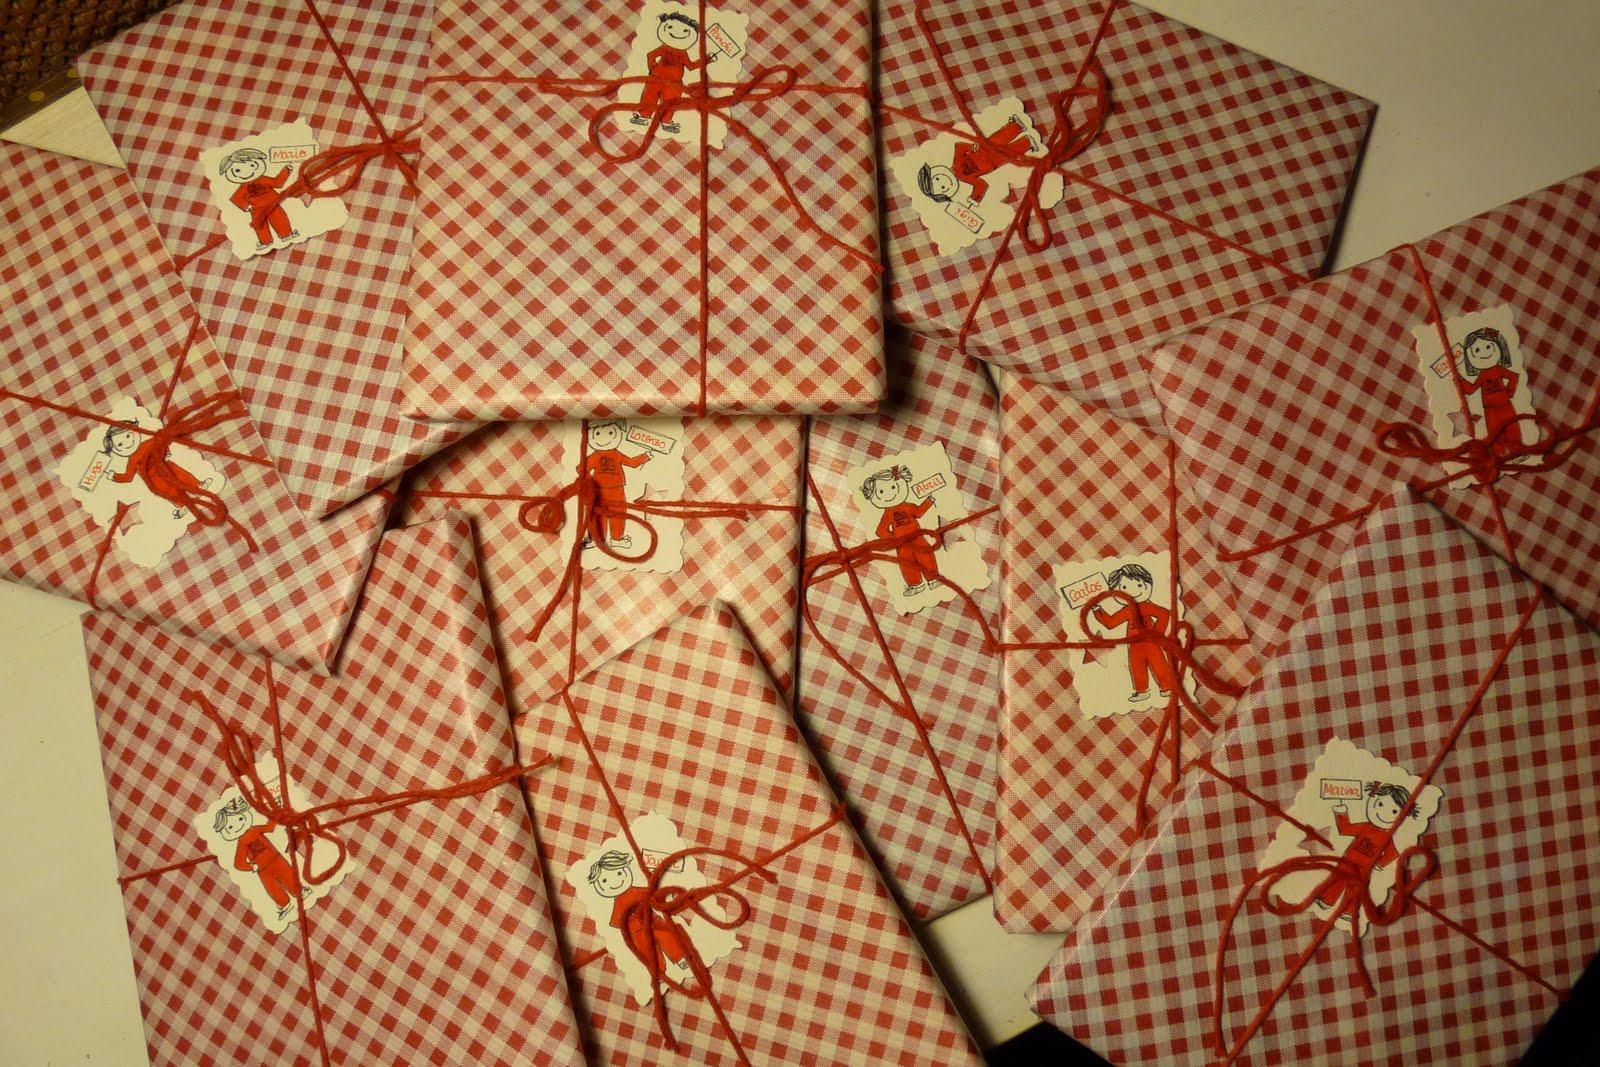 Yes it s my party empaquetado de regalos - Empaquetado de regalos ...